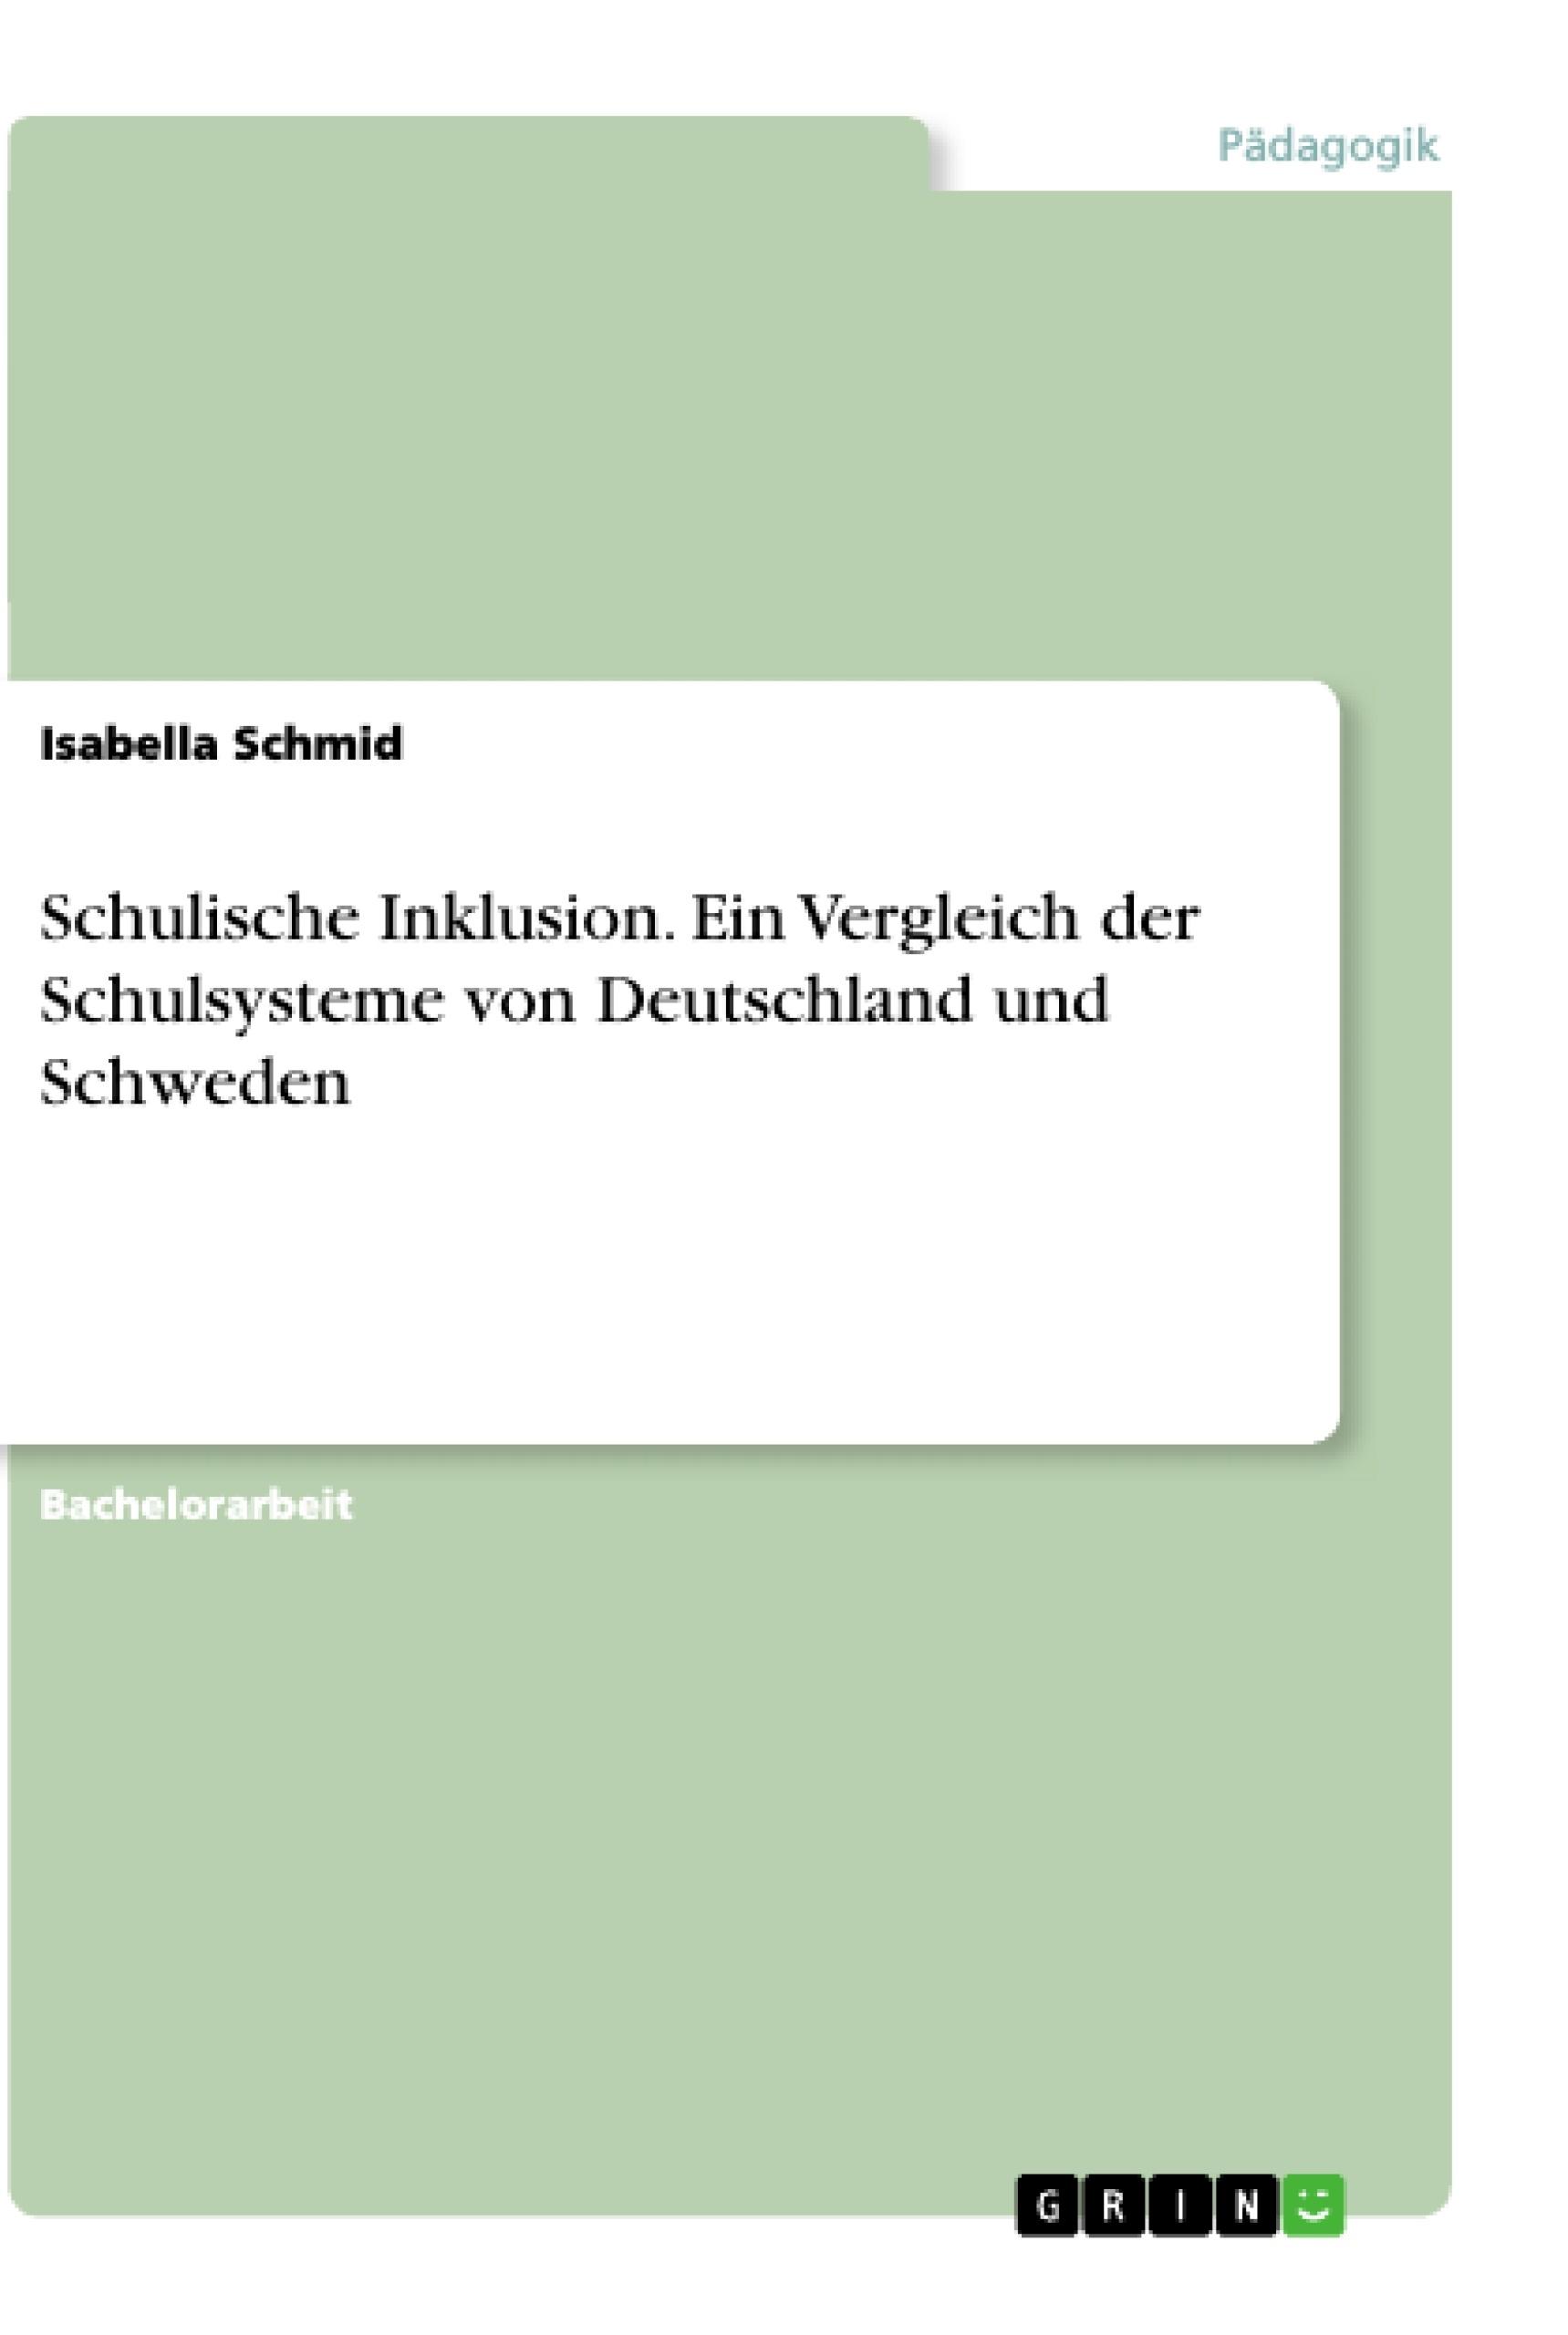 Titel: Schulische Inklusion. Ein Vergleich der Schulsysteme von Deutschland und Schweden